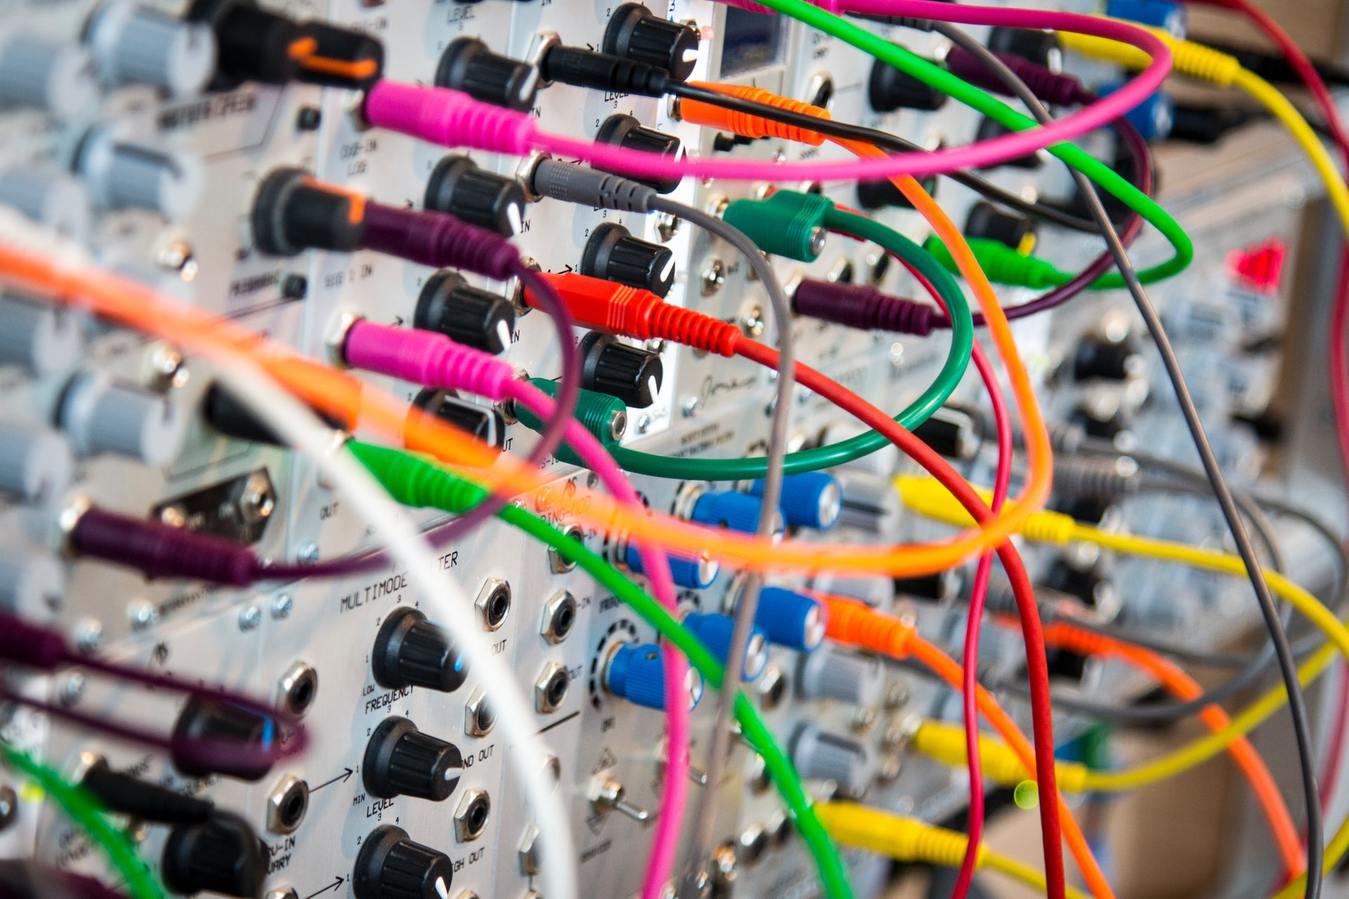 Dây đầy màu sắc với hàng chục kết nối